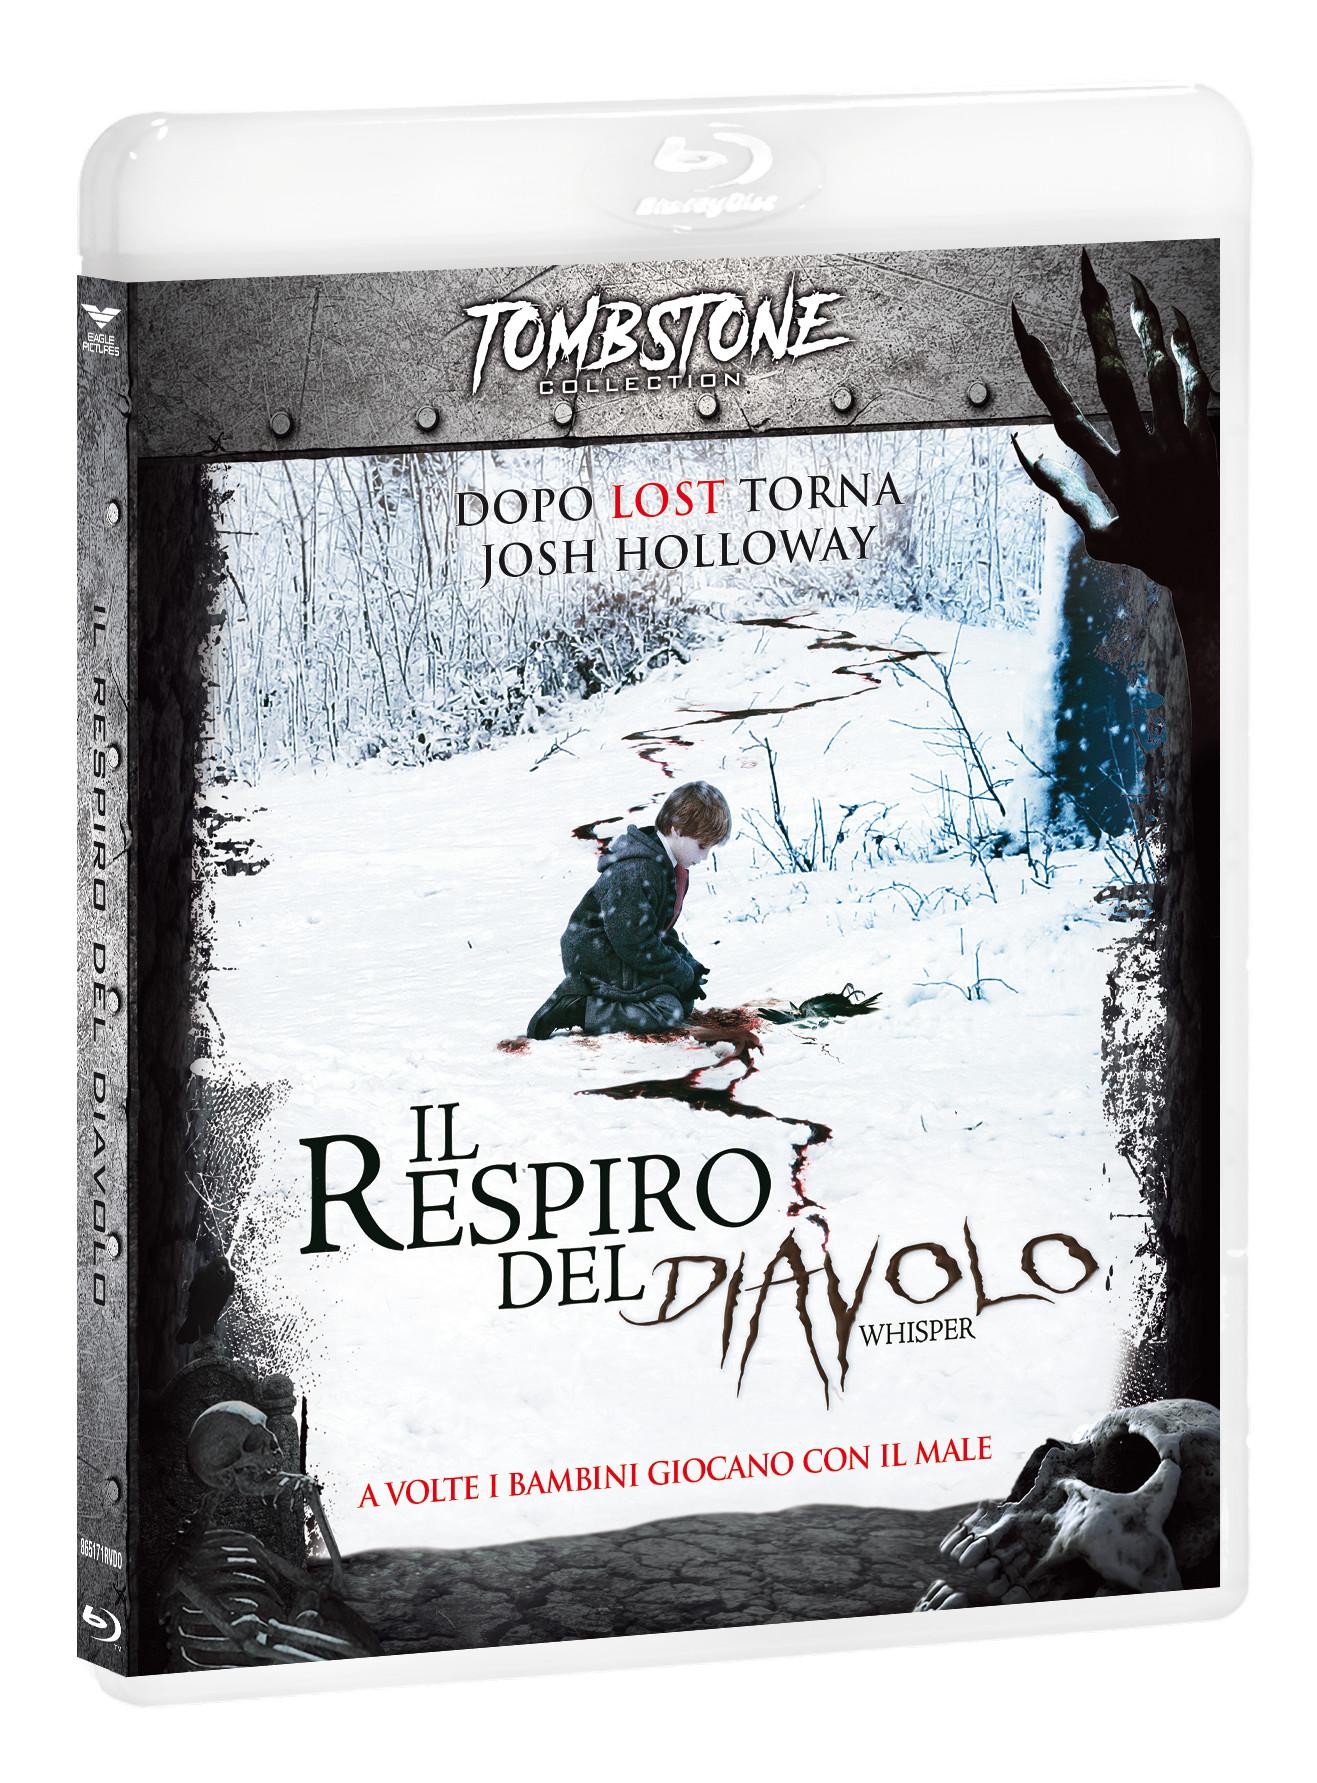 IL RESPIRO DEL DIAVOLO - WHISPER (TOMBSTONE)